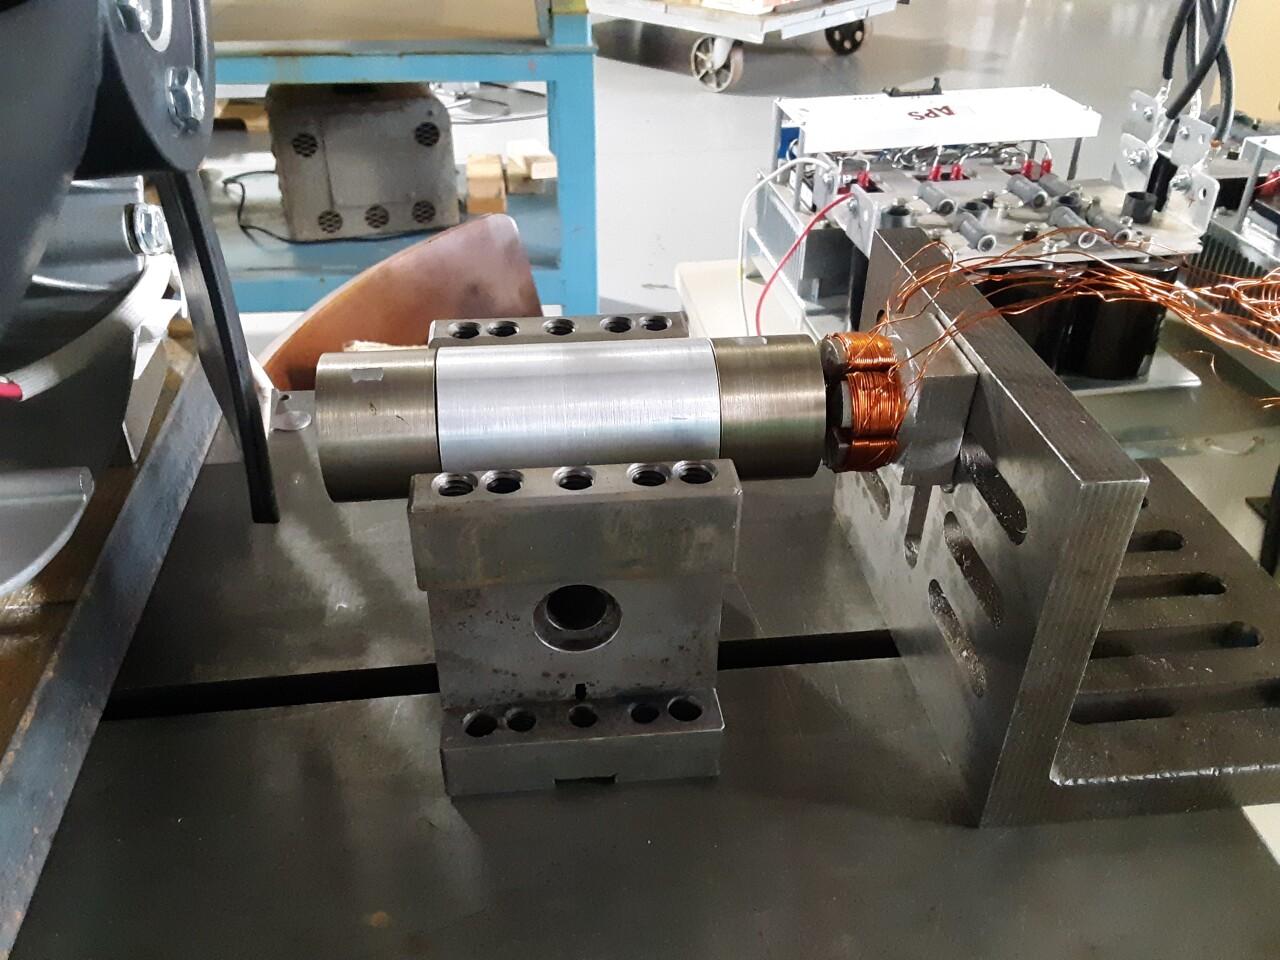 One of Foster's 3D motors